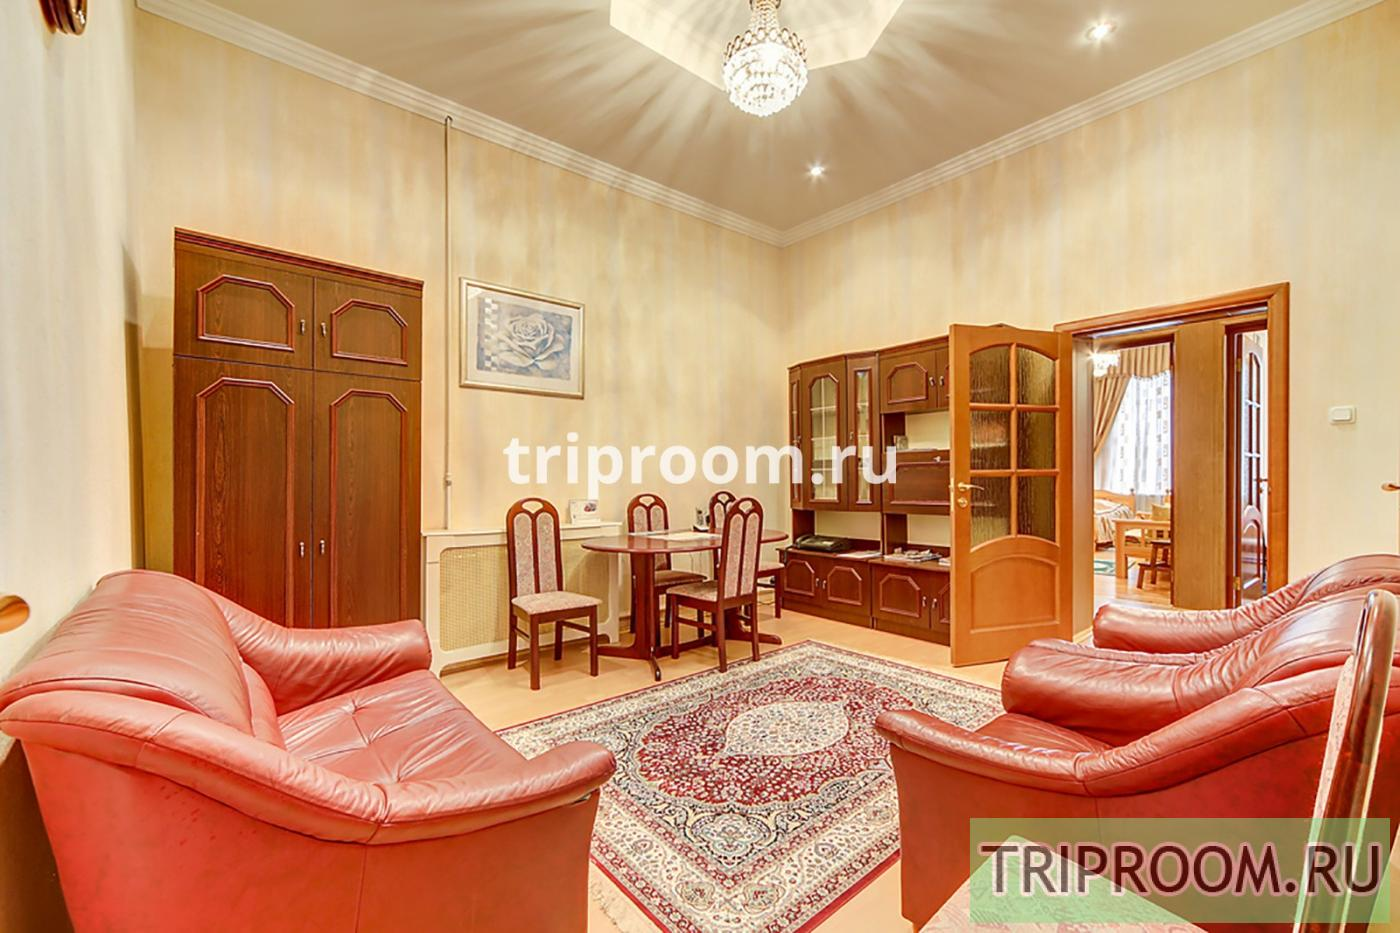 4-комнатная квартира посуточно (вариант № 20160), ул. Реки Мойки набережная, фото № 23